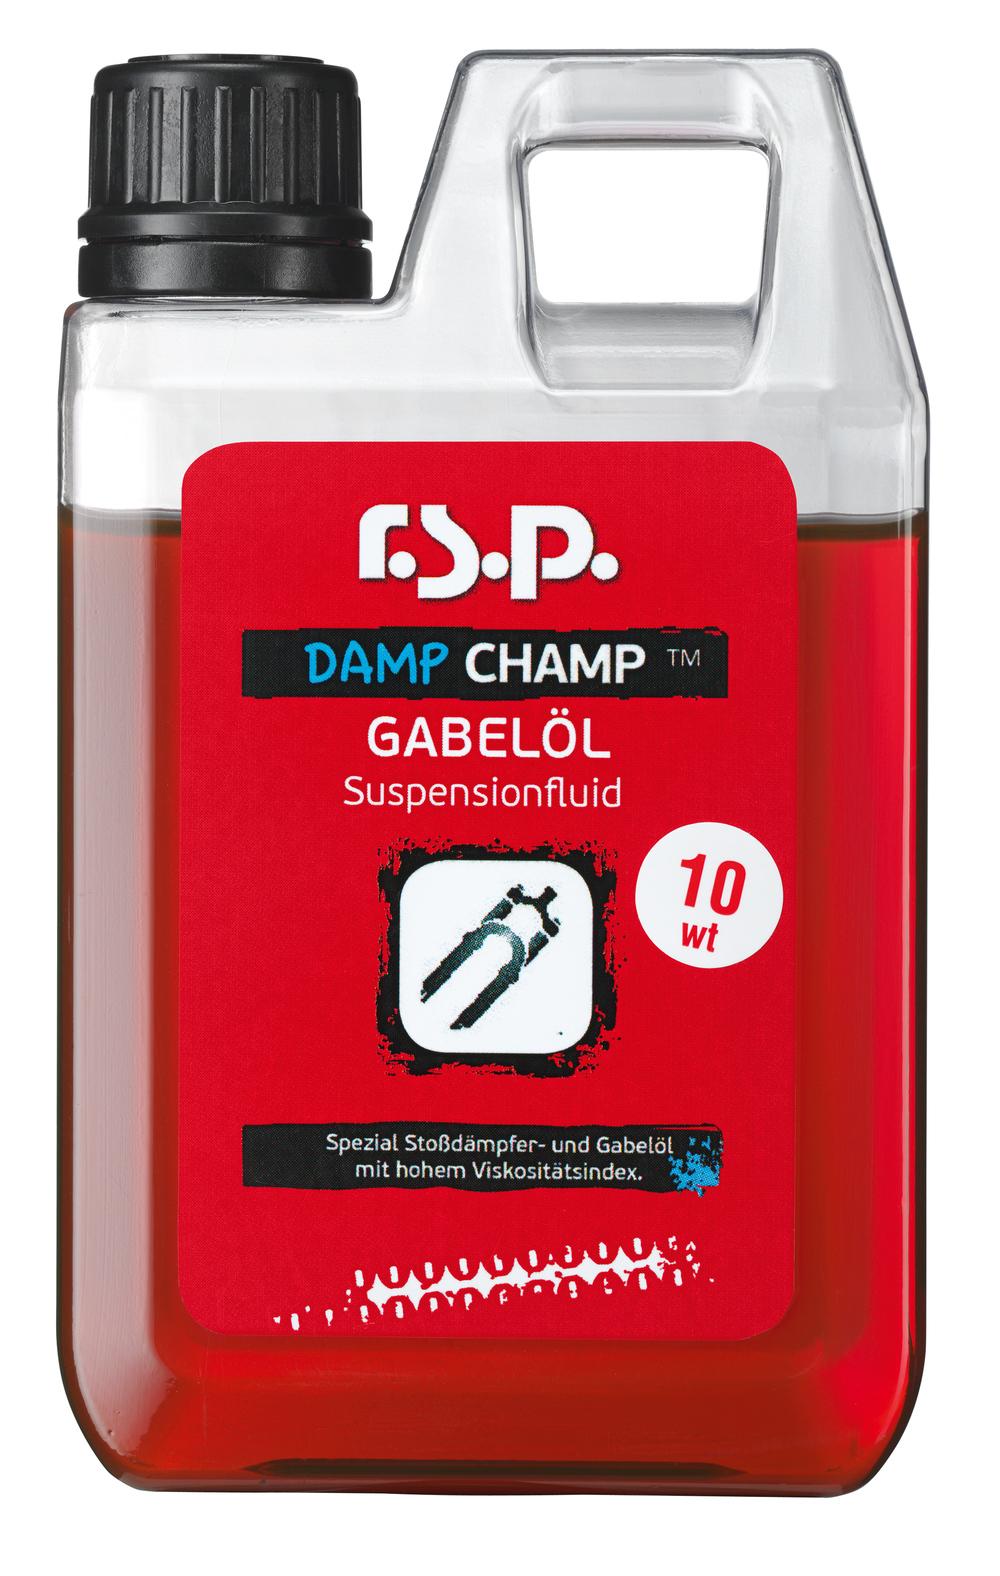 rsp 062065010 Damp Champ 250ml 10wt.jpg